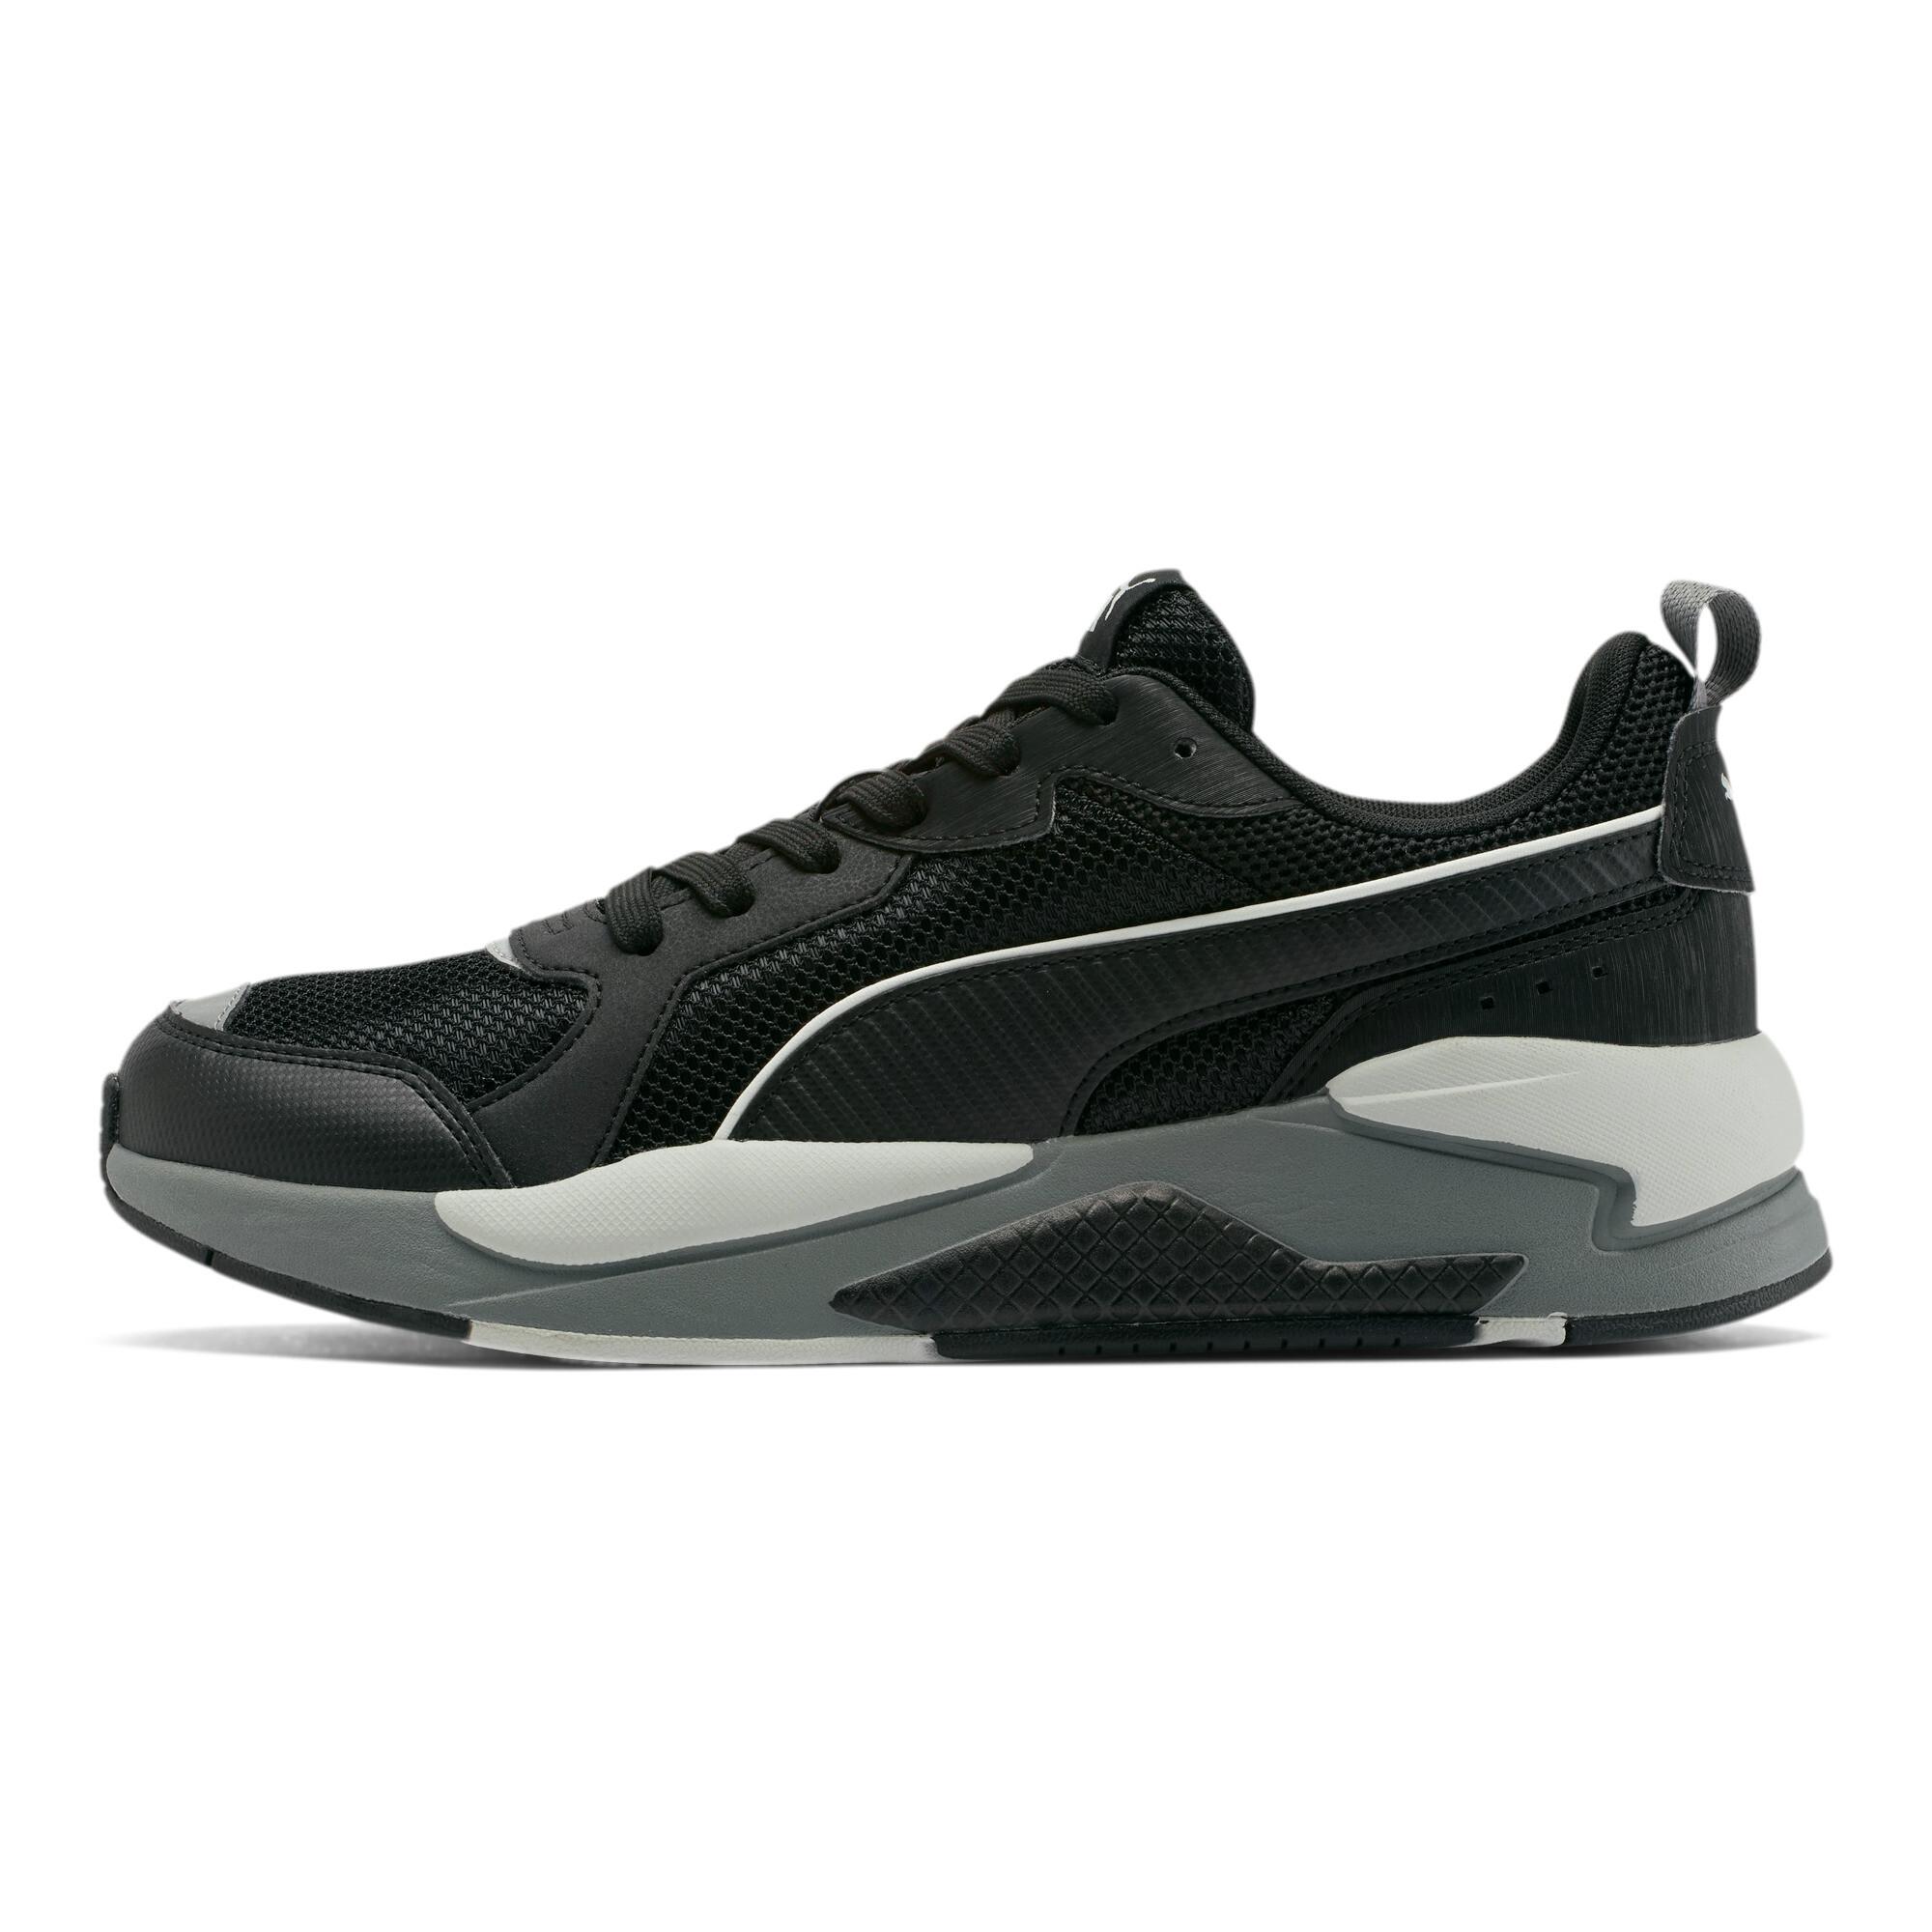 PUMA-X-RAY-Mesh-Men-039-s-Sneakers-Men-Shoe-Basics thumbnail 4